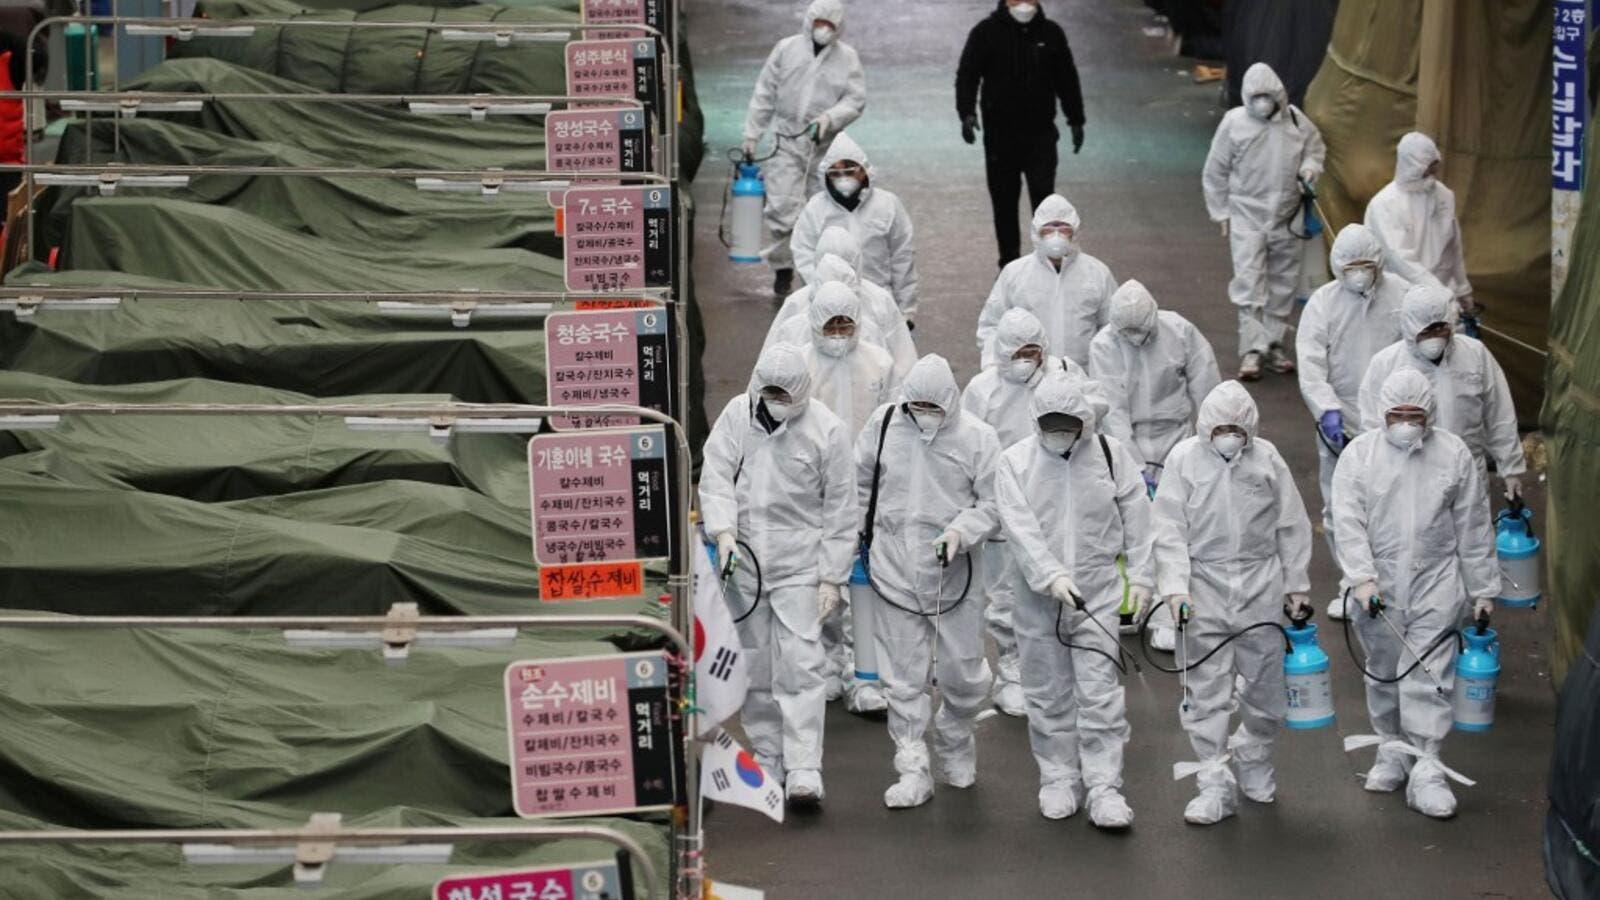 China coronavirus toll rises to 2,345